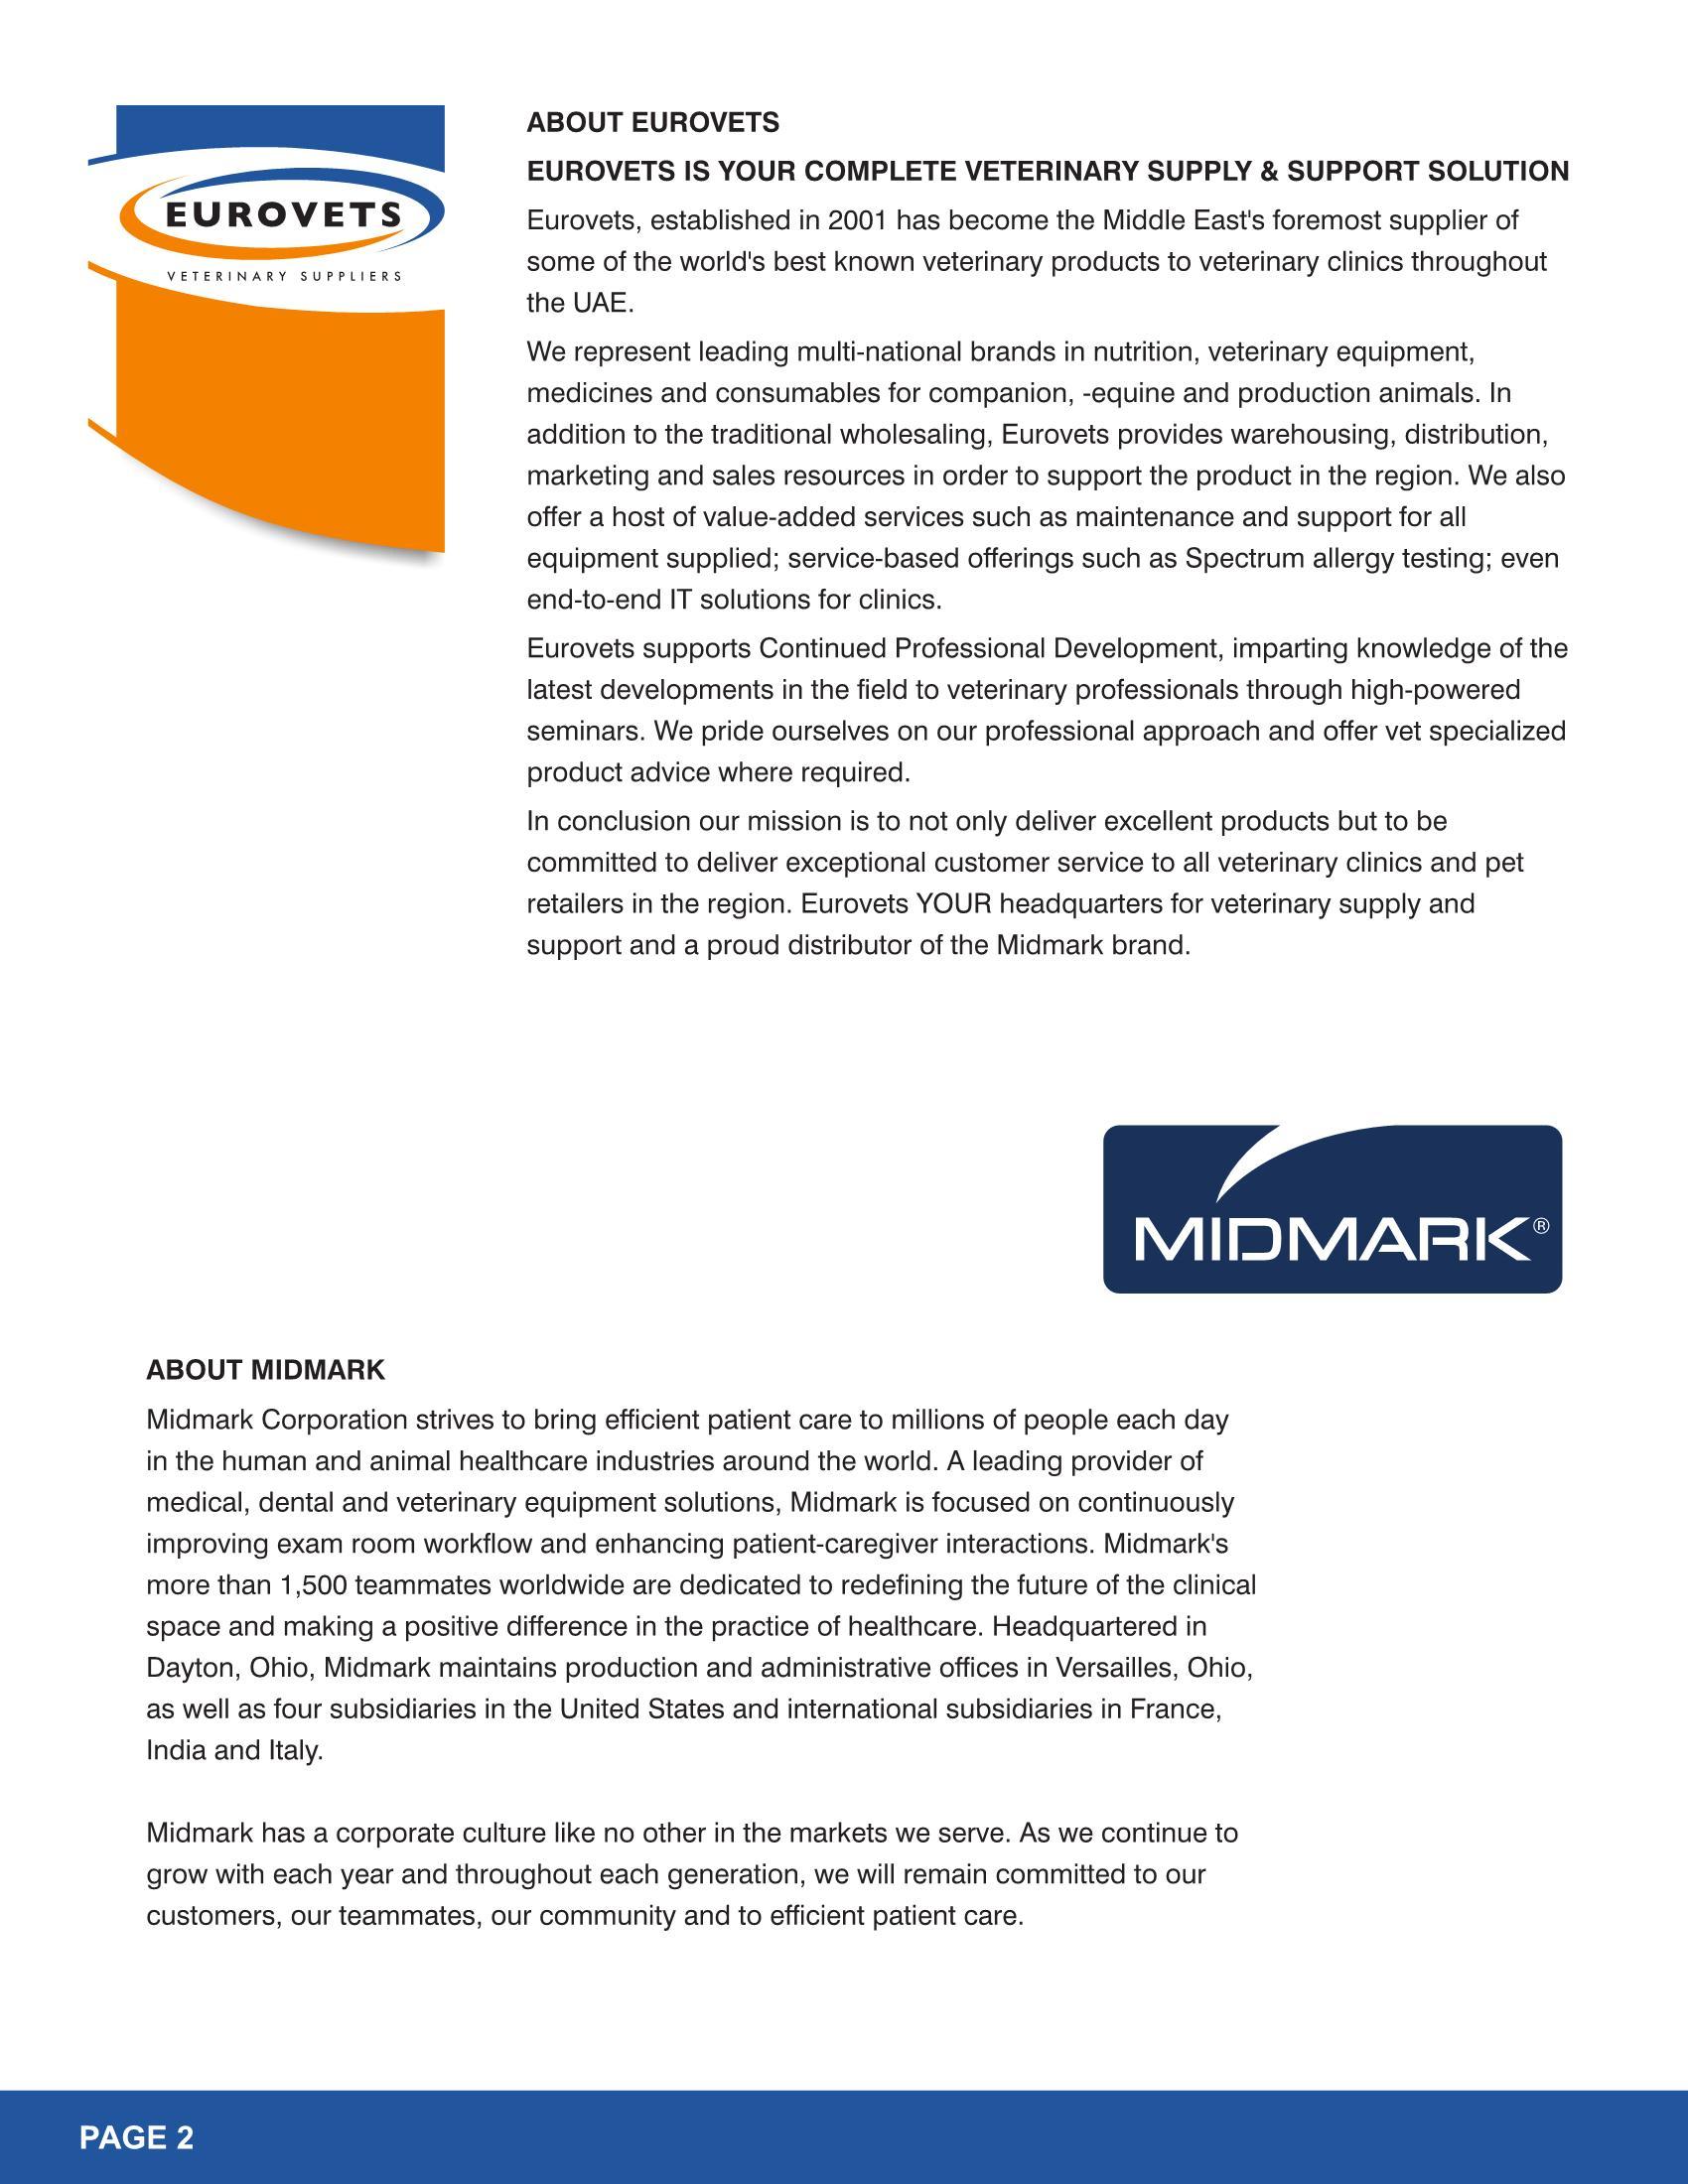 Midmark Medical, Dental, Vet Equipment Manufacturer